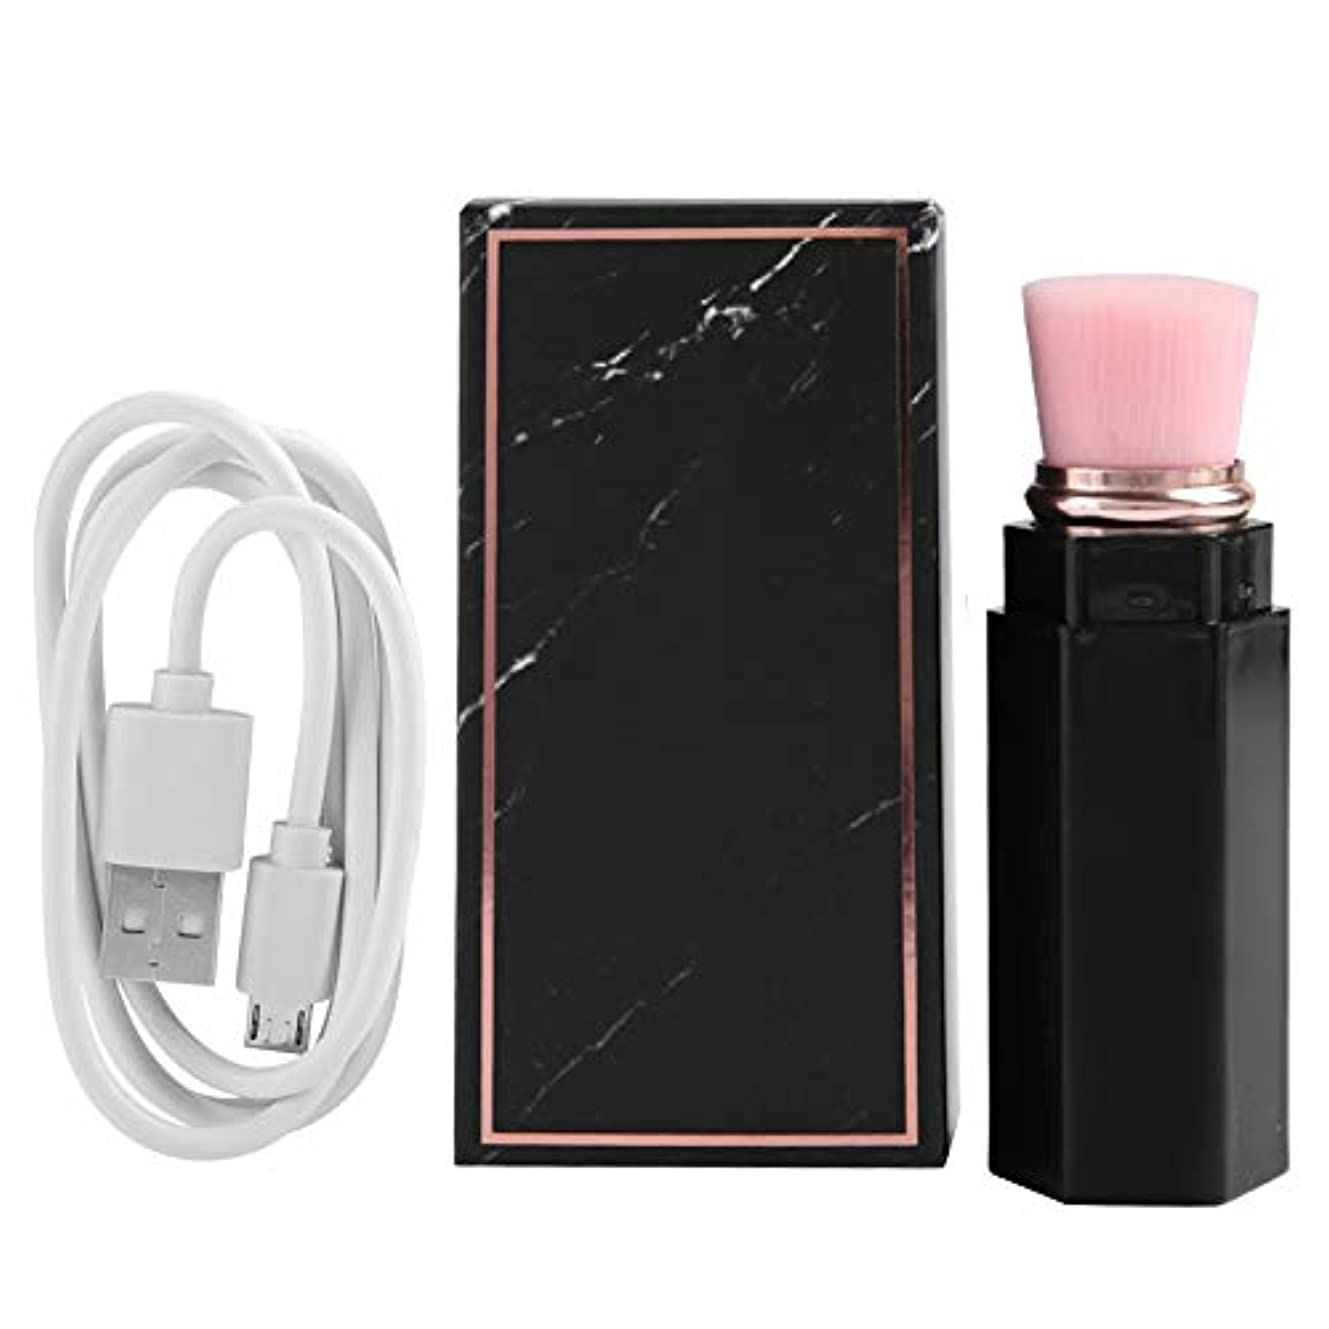 反発するしてはいけないプーノ電動化粧ブラシ、ファンデーションブラッシュ用プレミアム化粧ブラシ、高品質合成繊維、プロおよび個人使用のための3D化粧効果(3#)